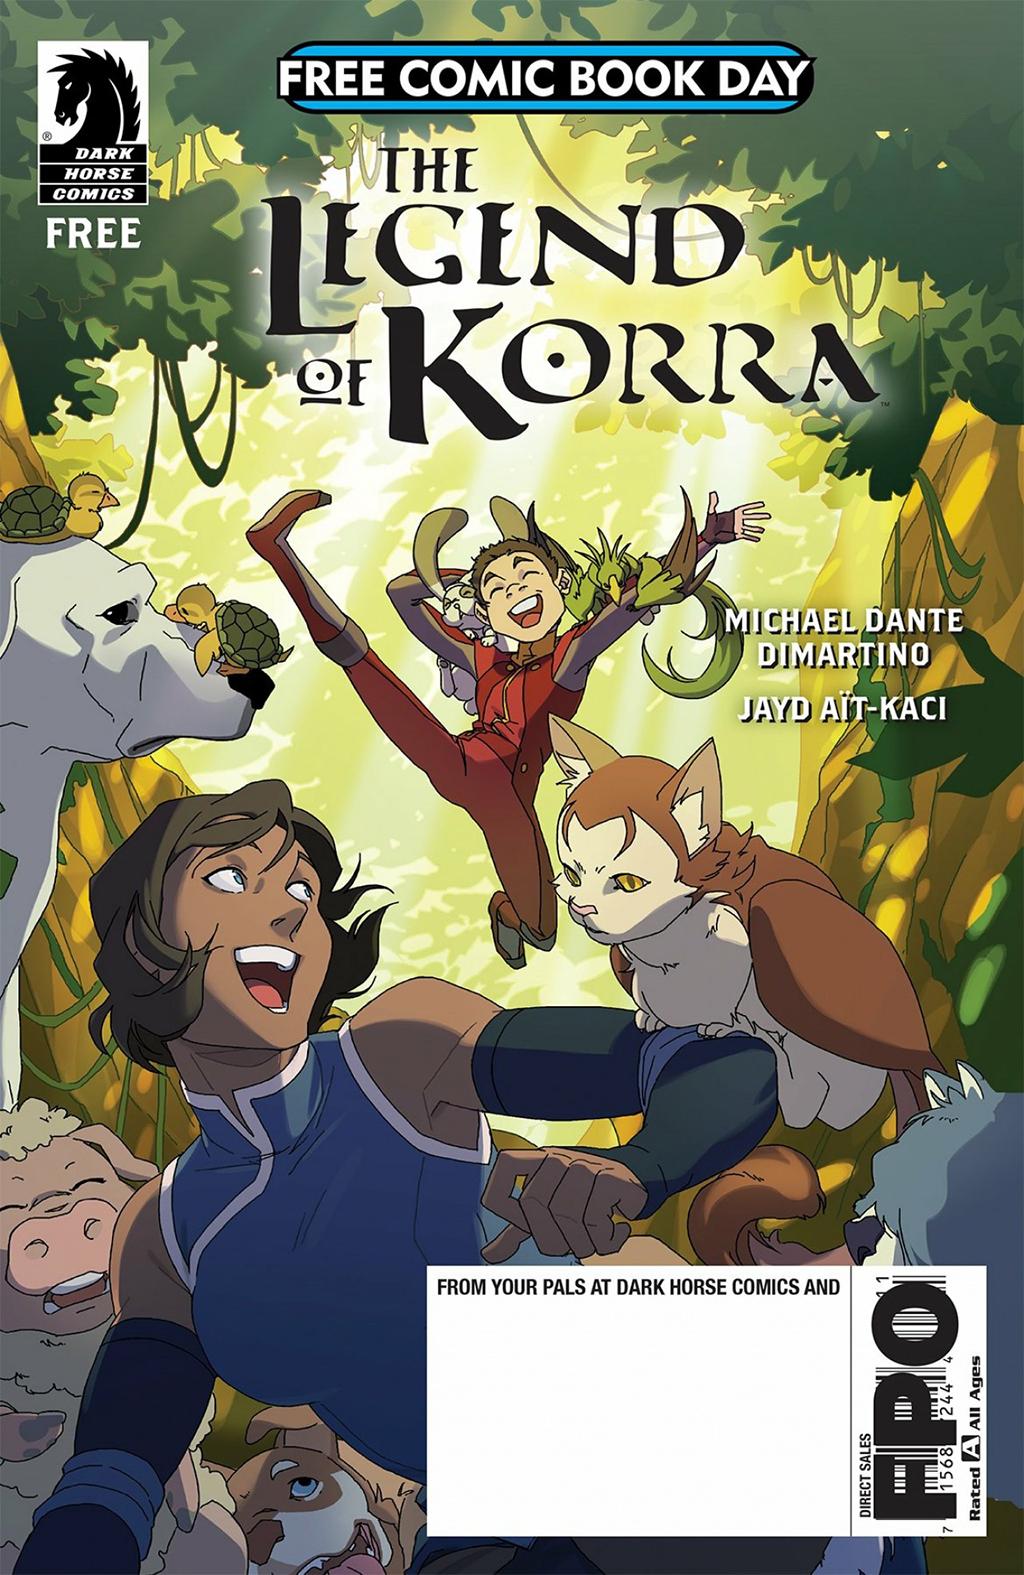 Комикс Легенда о Корре: День Бесплатных Комиксов